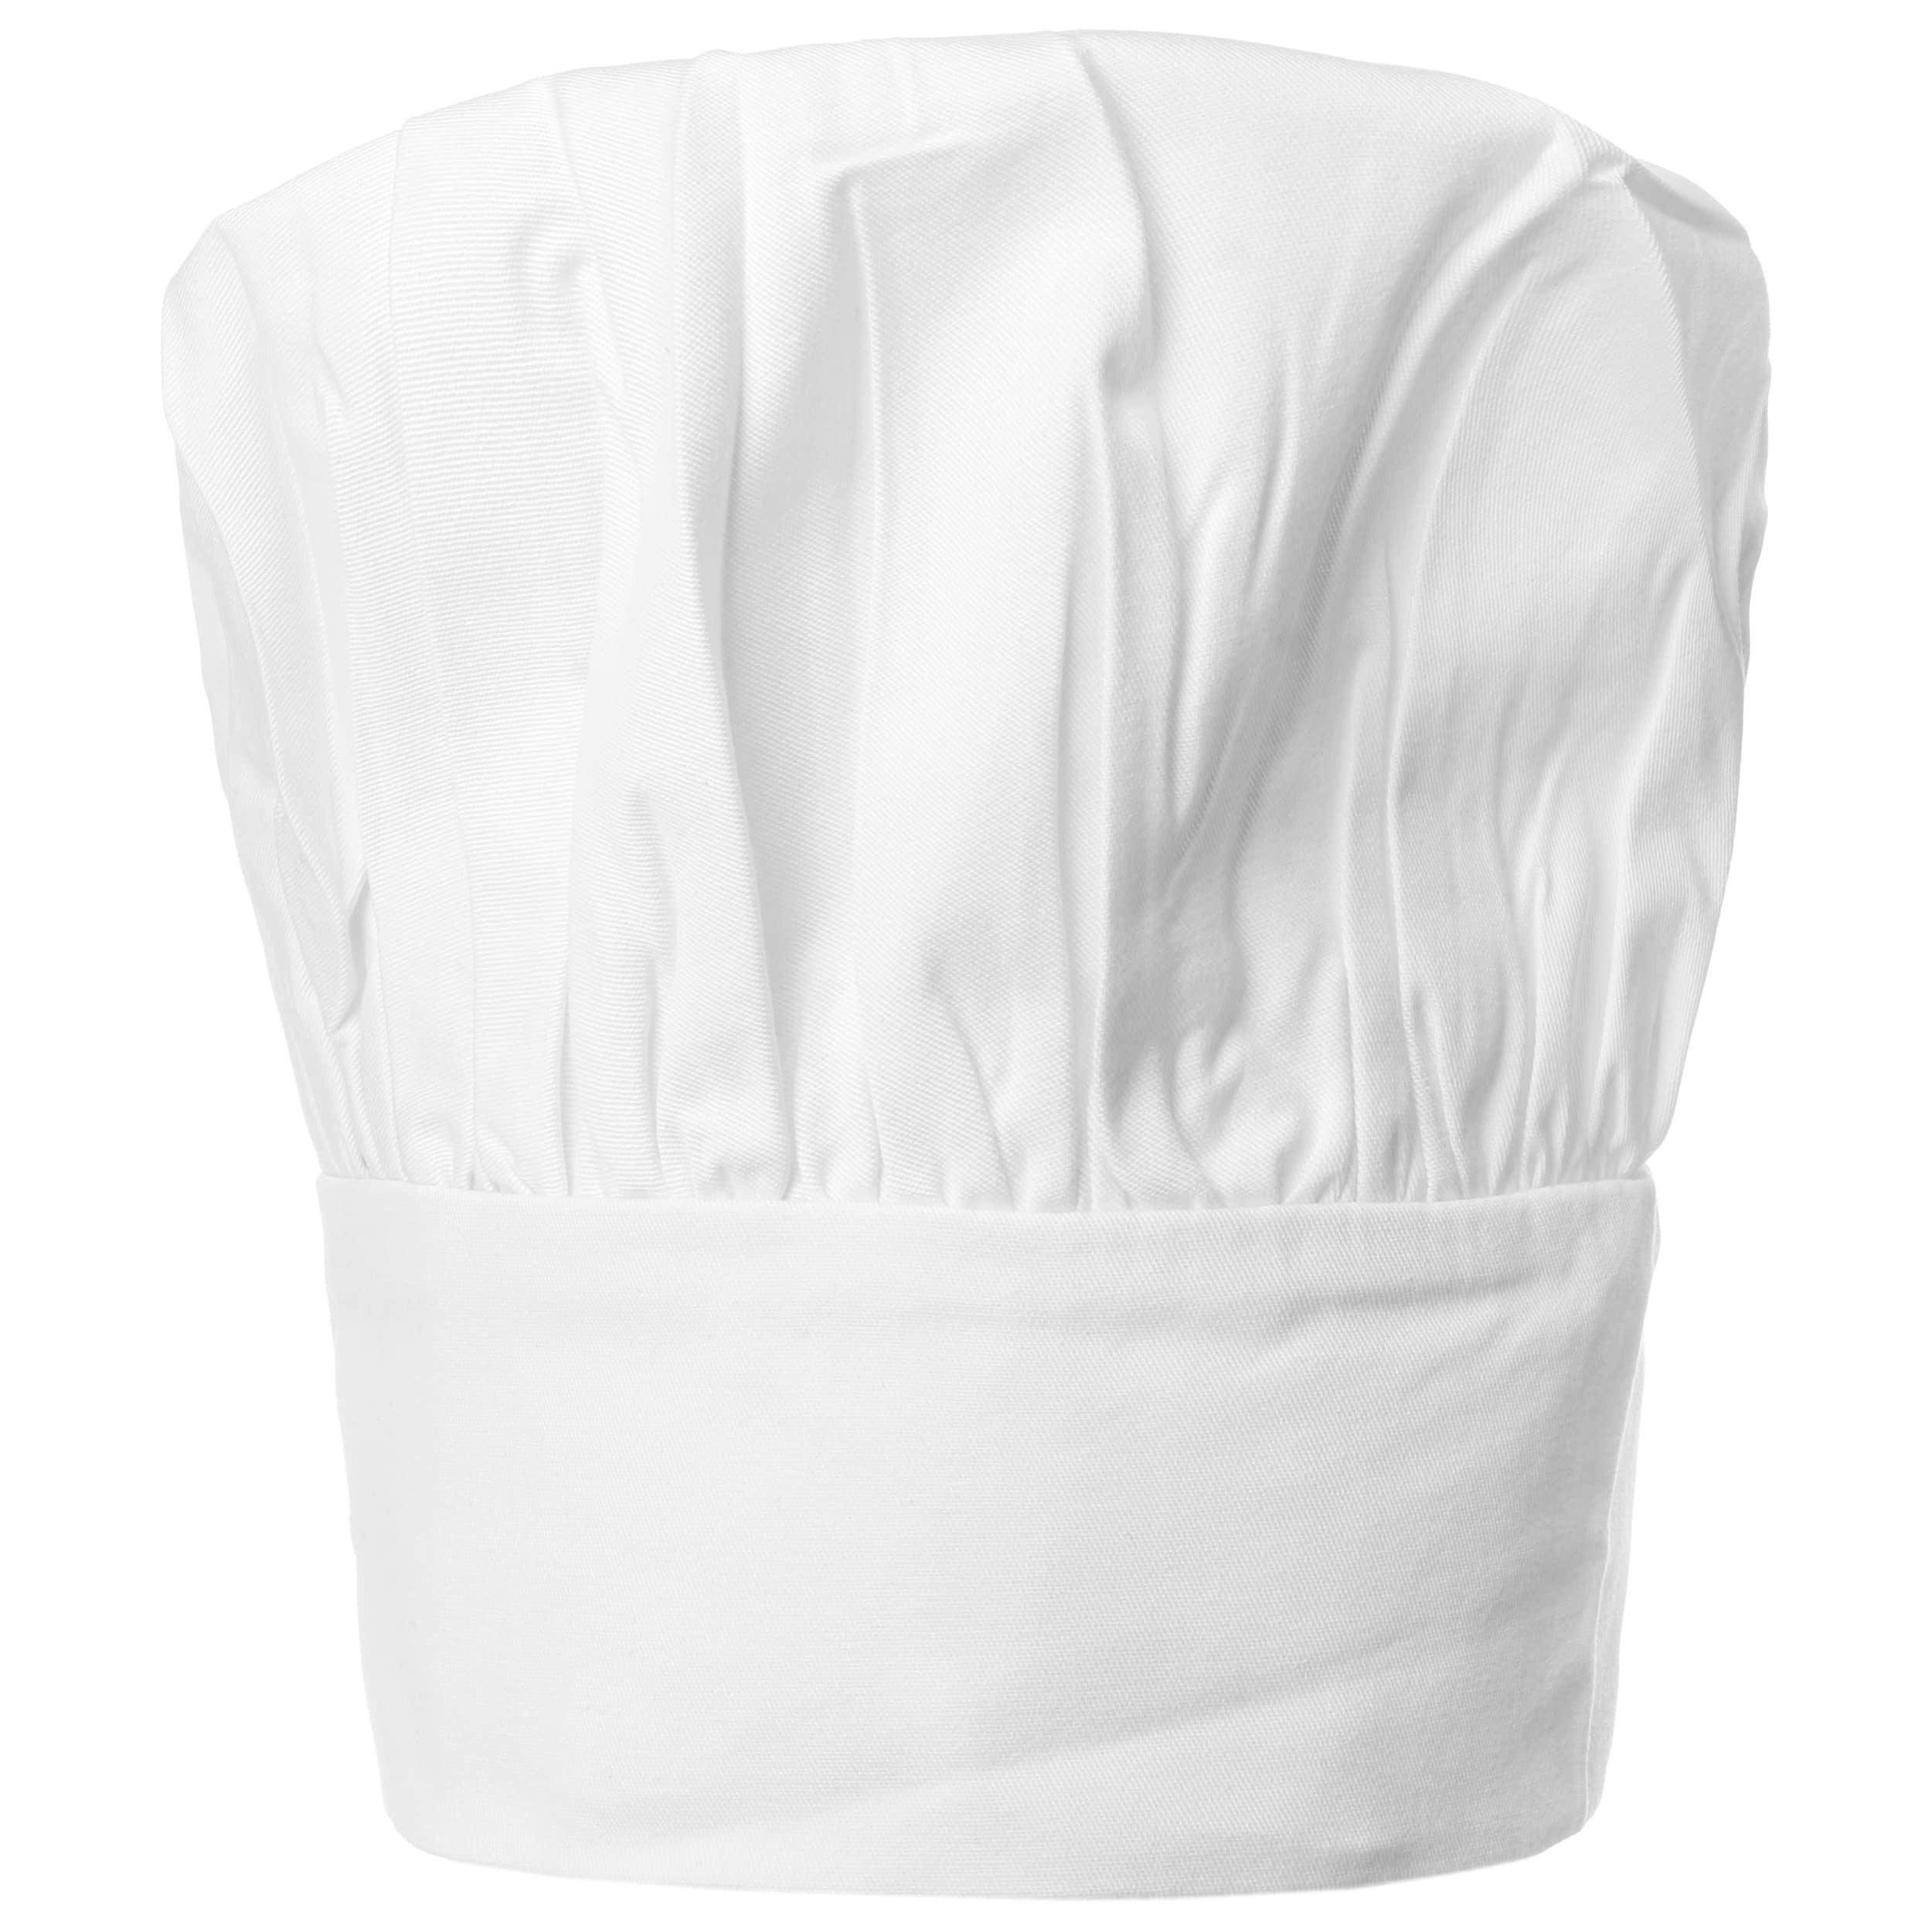 Toque de cuisinier bistro eur 10 95 chapeaux for Cuisinier 95